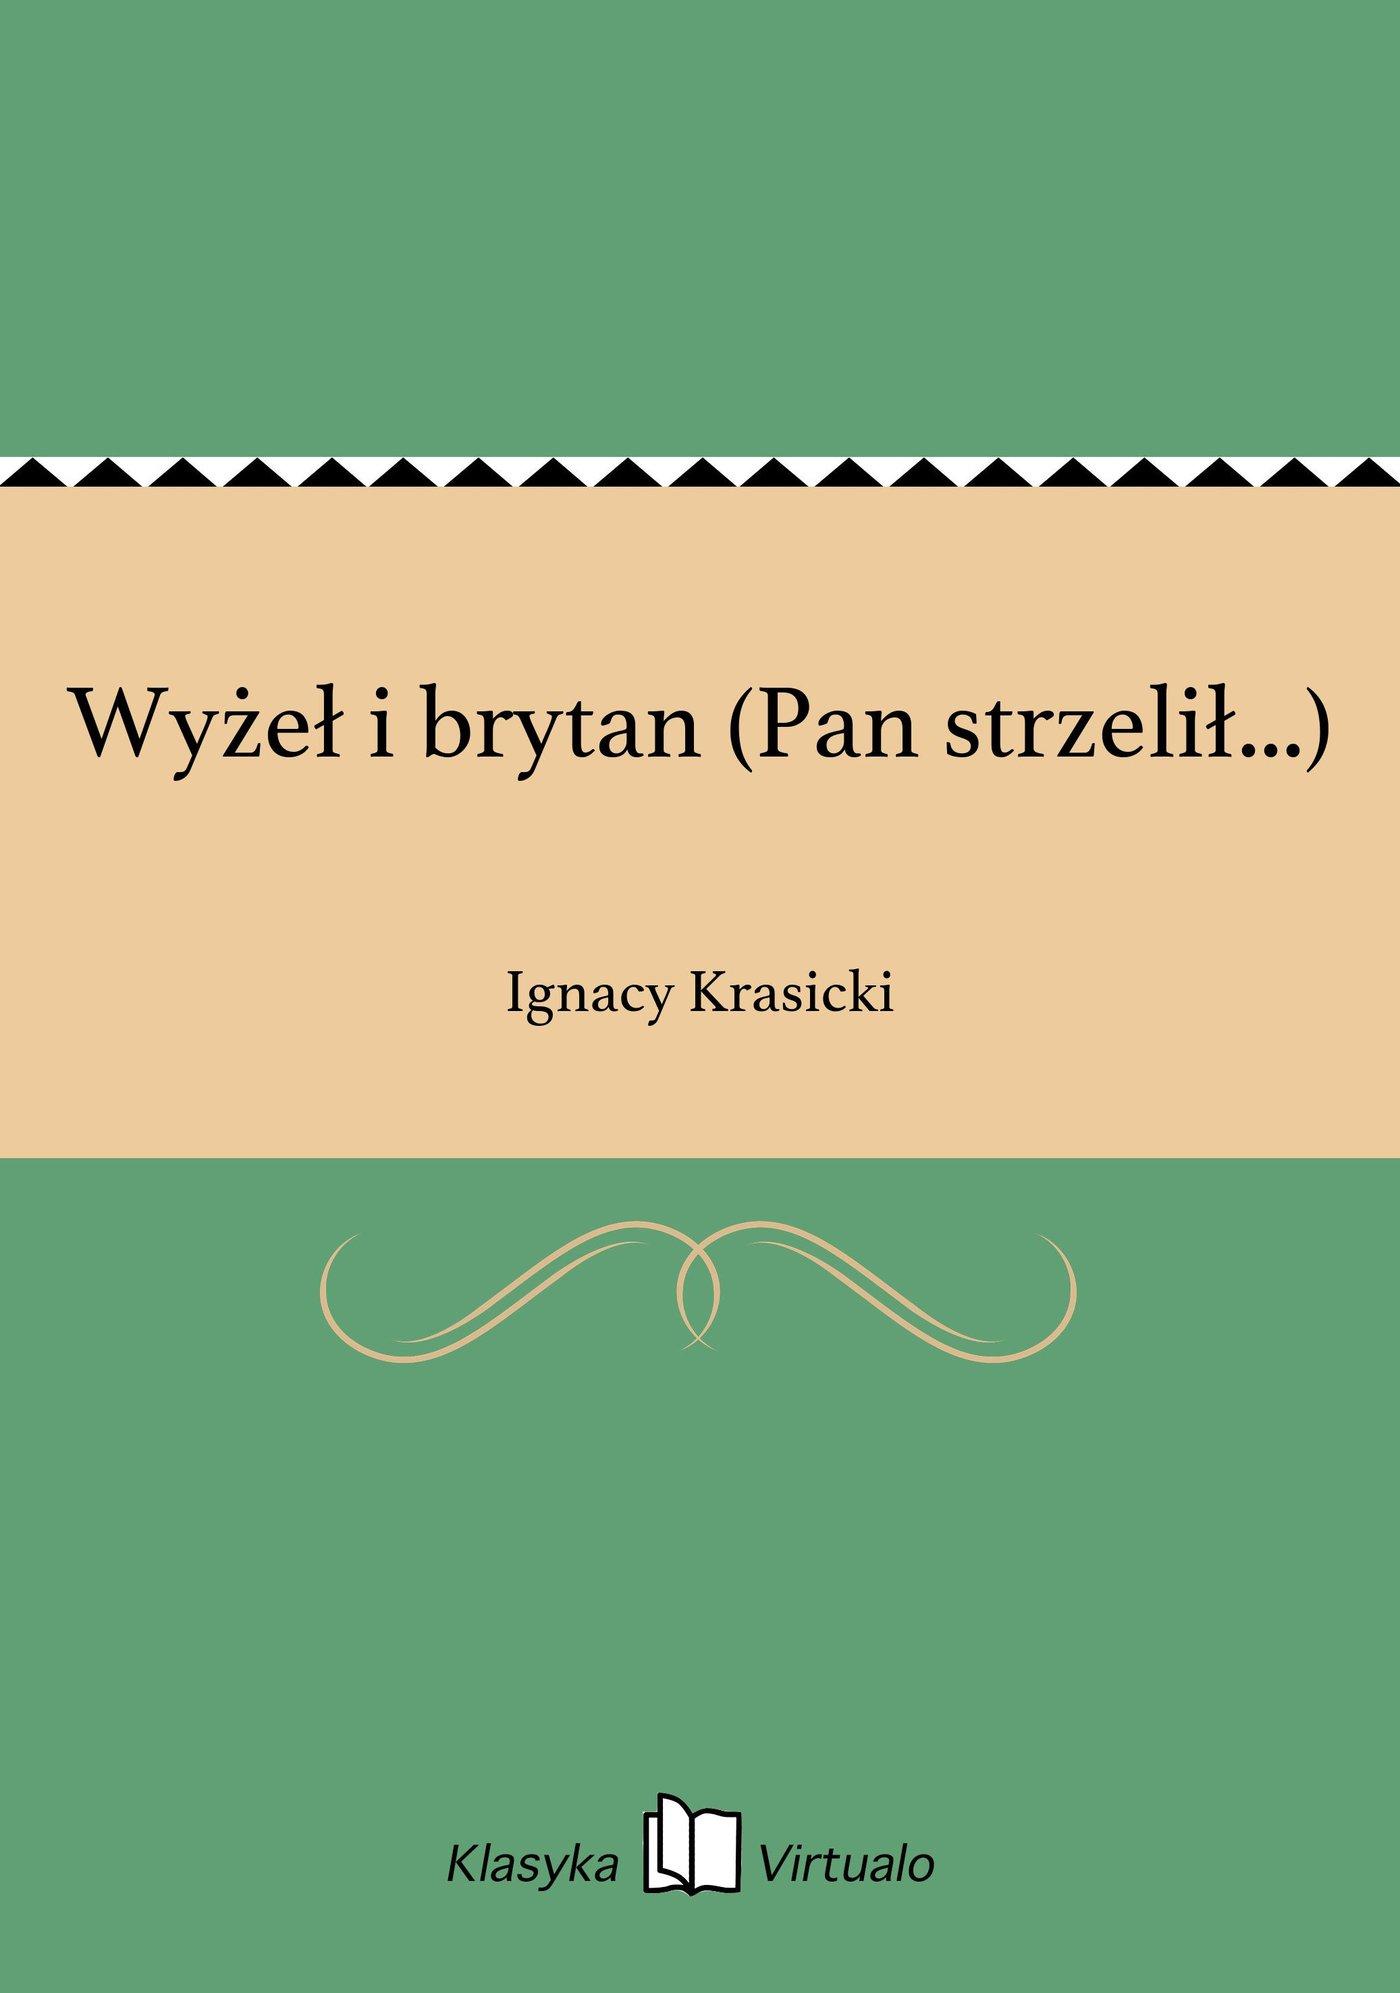 Wyżeł i brytan (Pan strzelił...) - Ebook (Książka EPUB) do pobrania w formacie EPUB